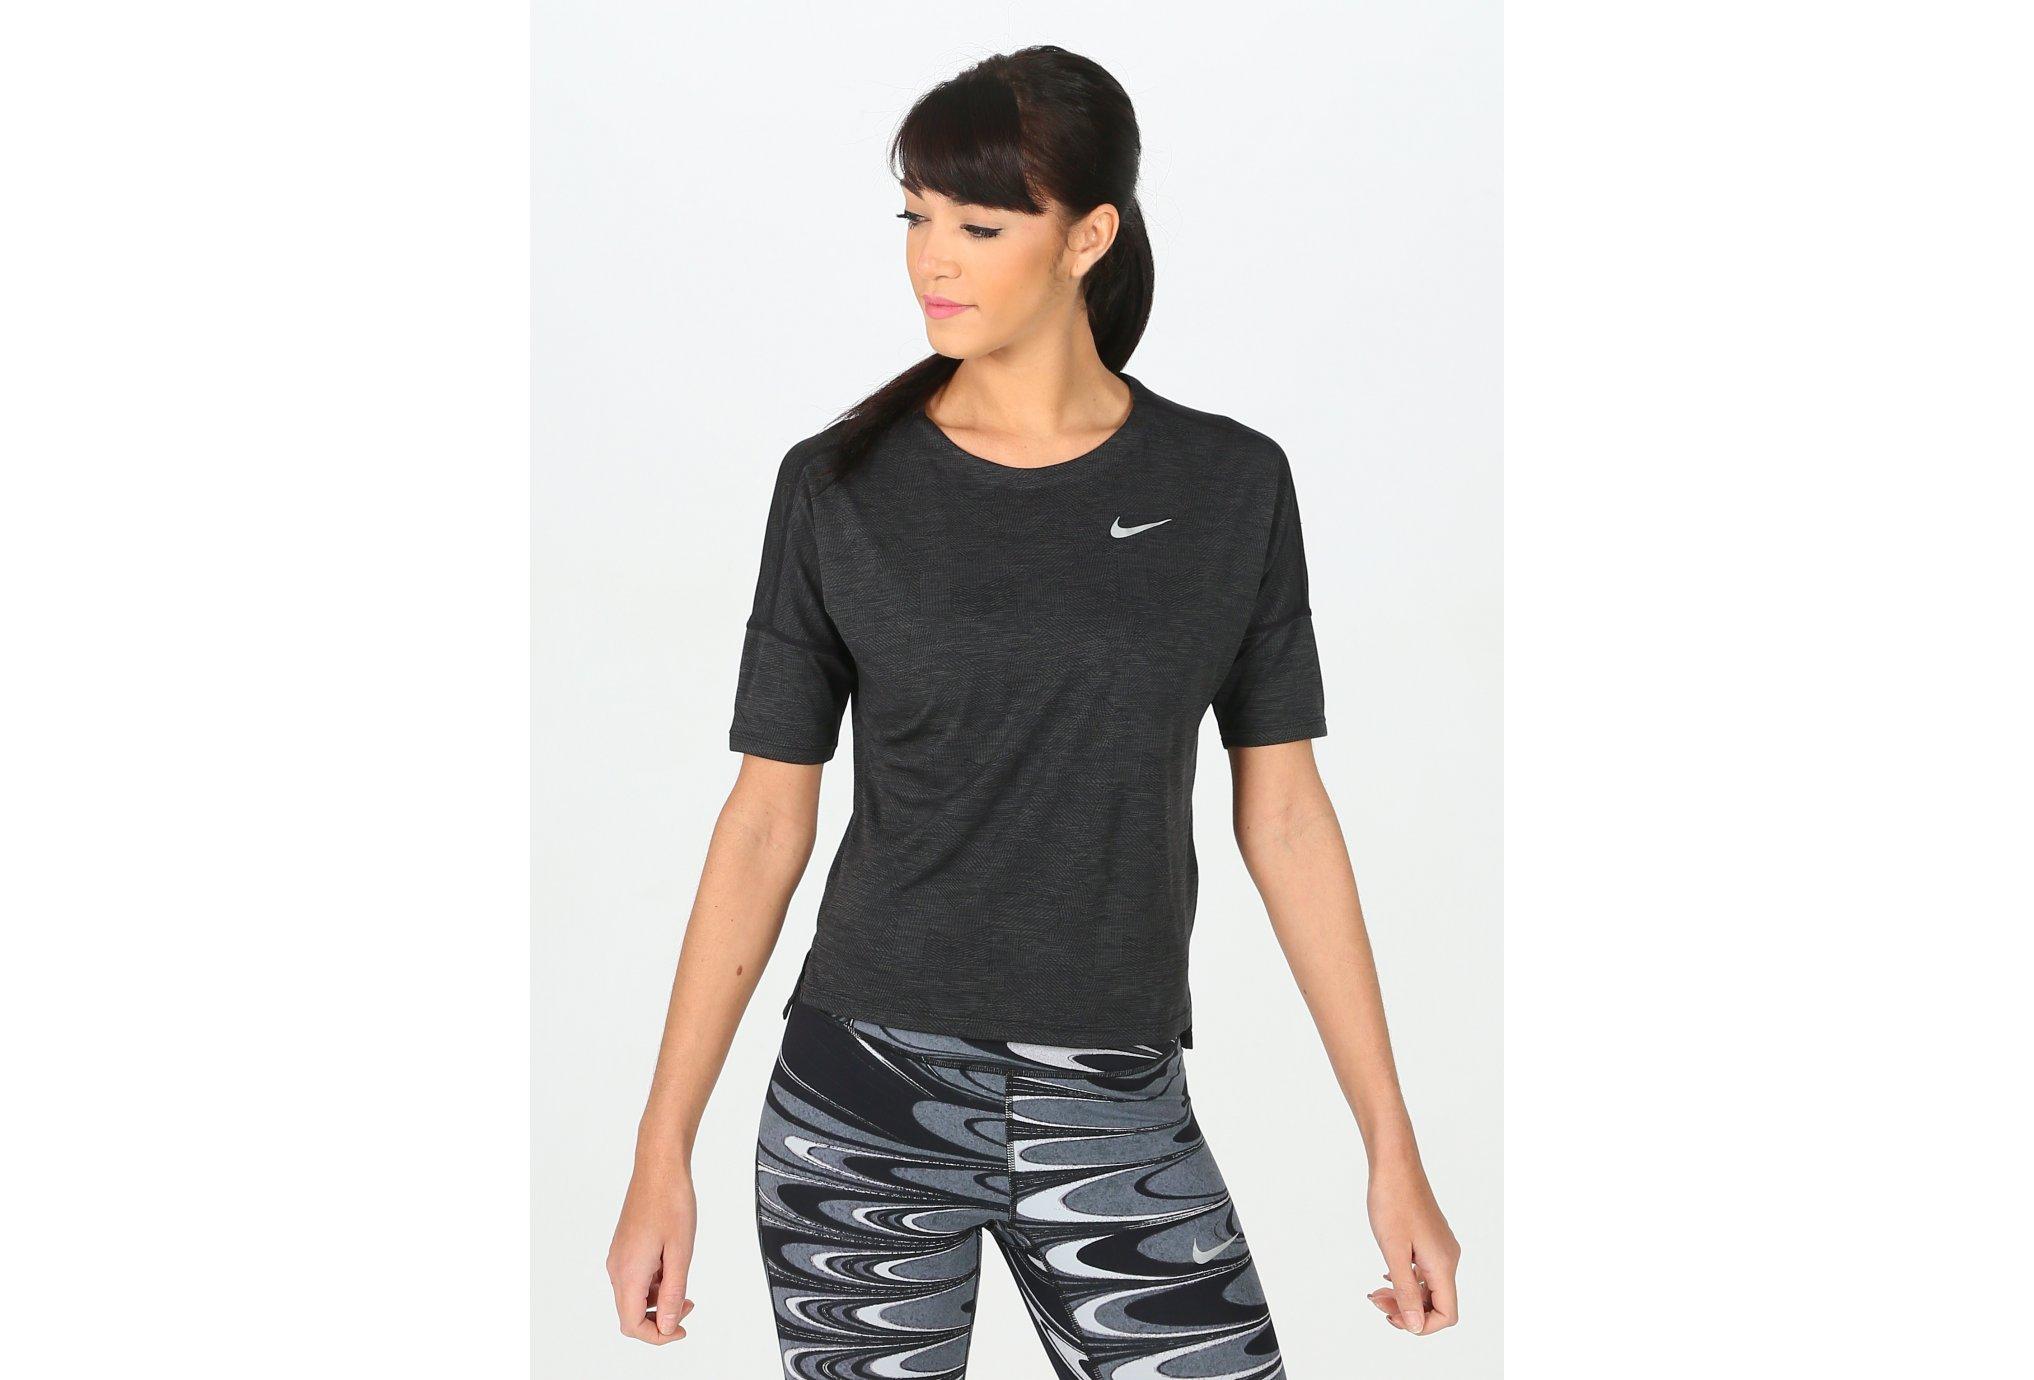 Nike Dri-fit Medalist W Diététique Vêtements femme